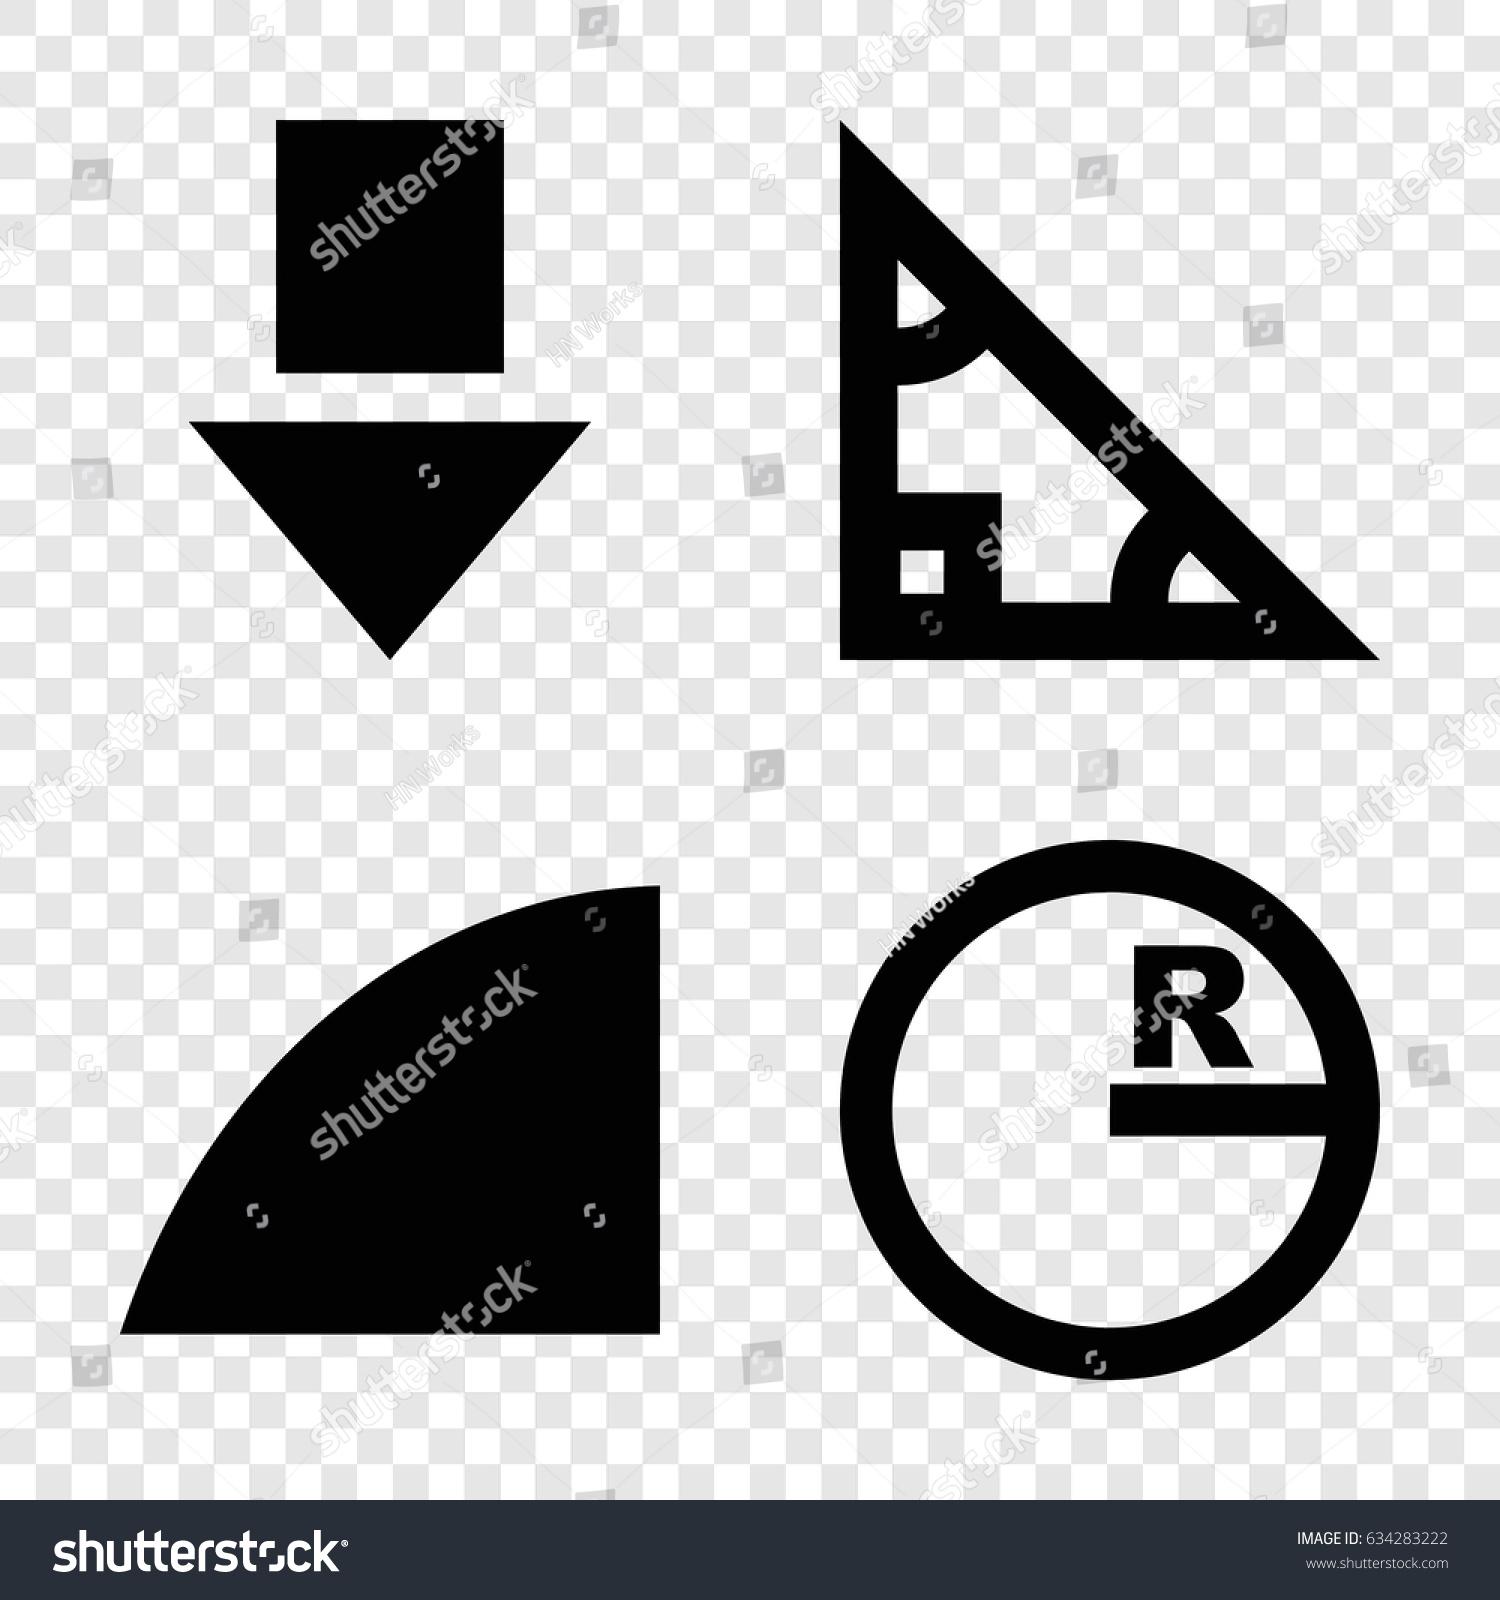 Angle icons set set 4 angle stock vector 634283222 shutterstock angle icons set set of 4 angle filled icons such as angle triangle buycottarizona